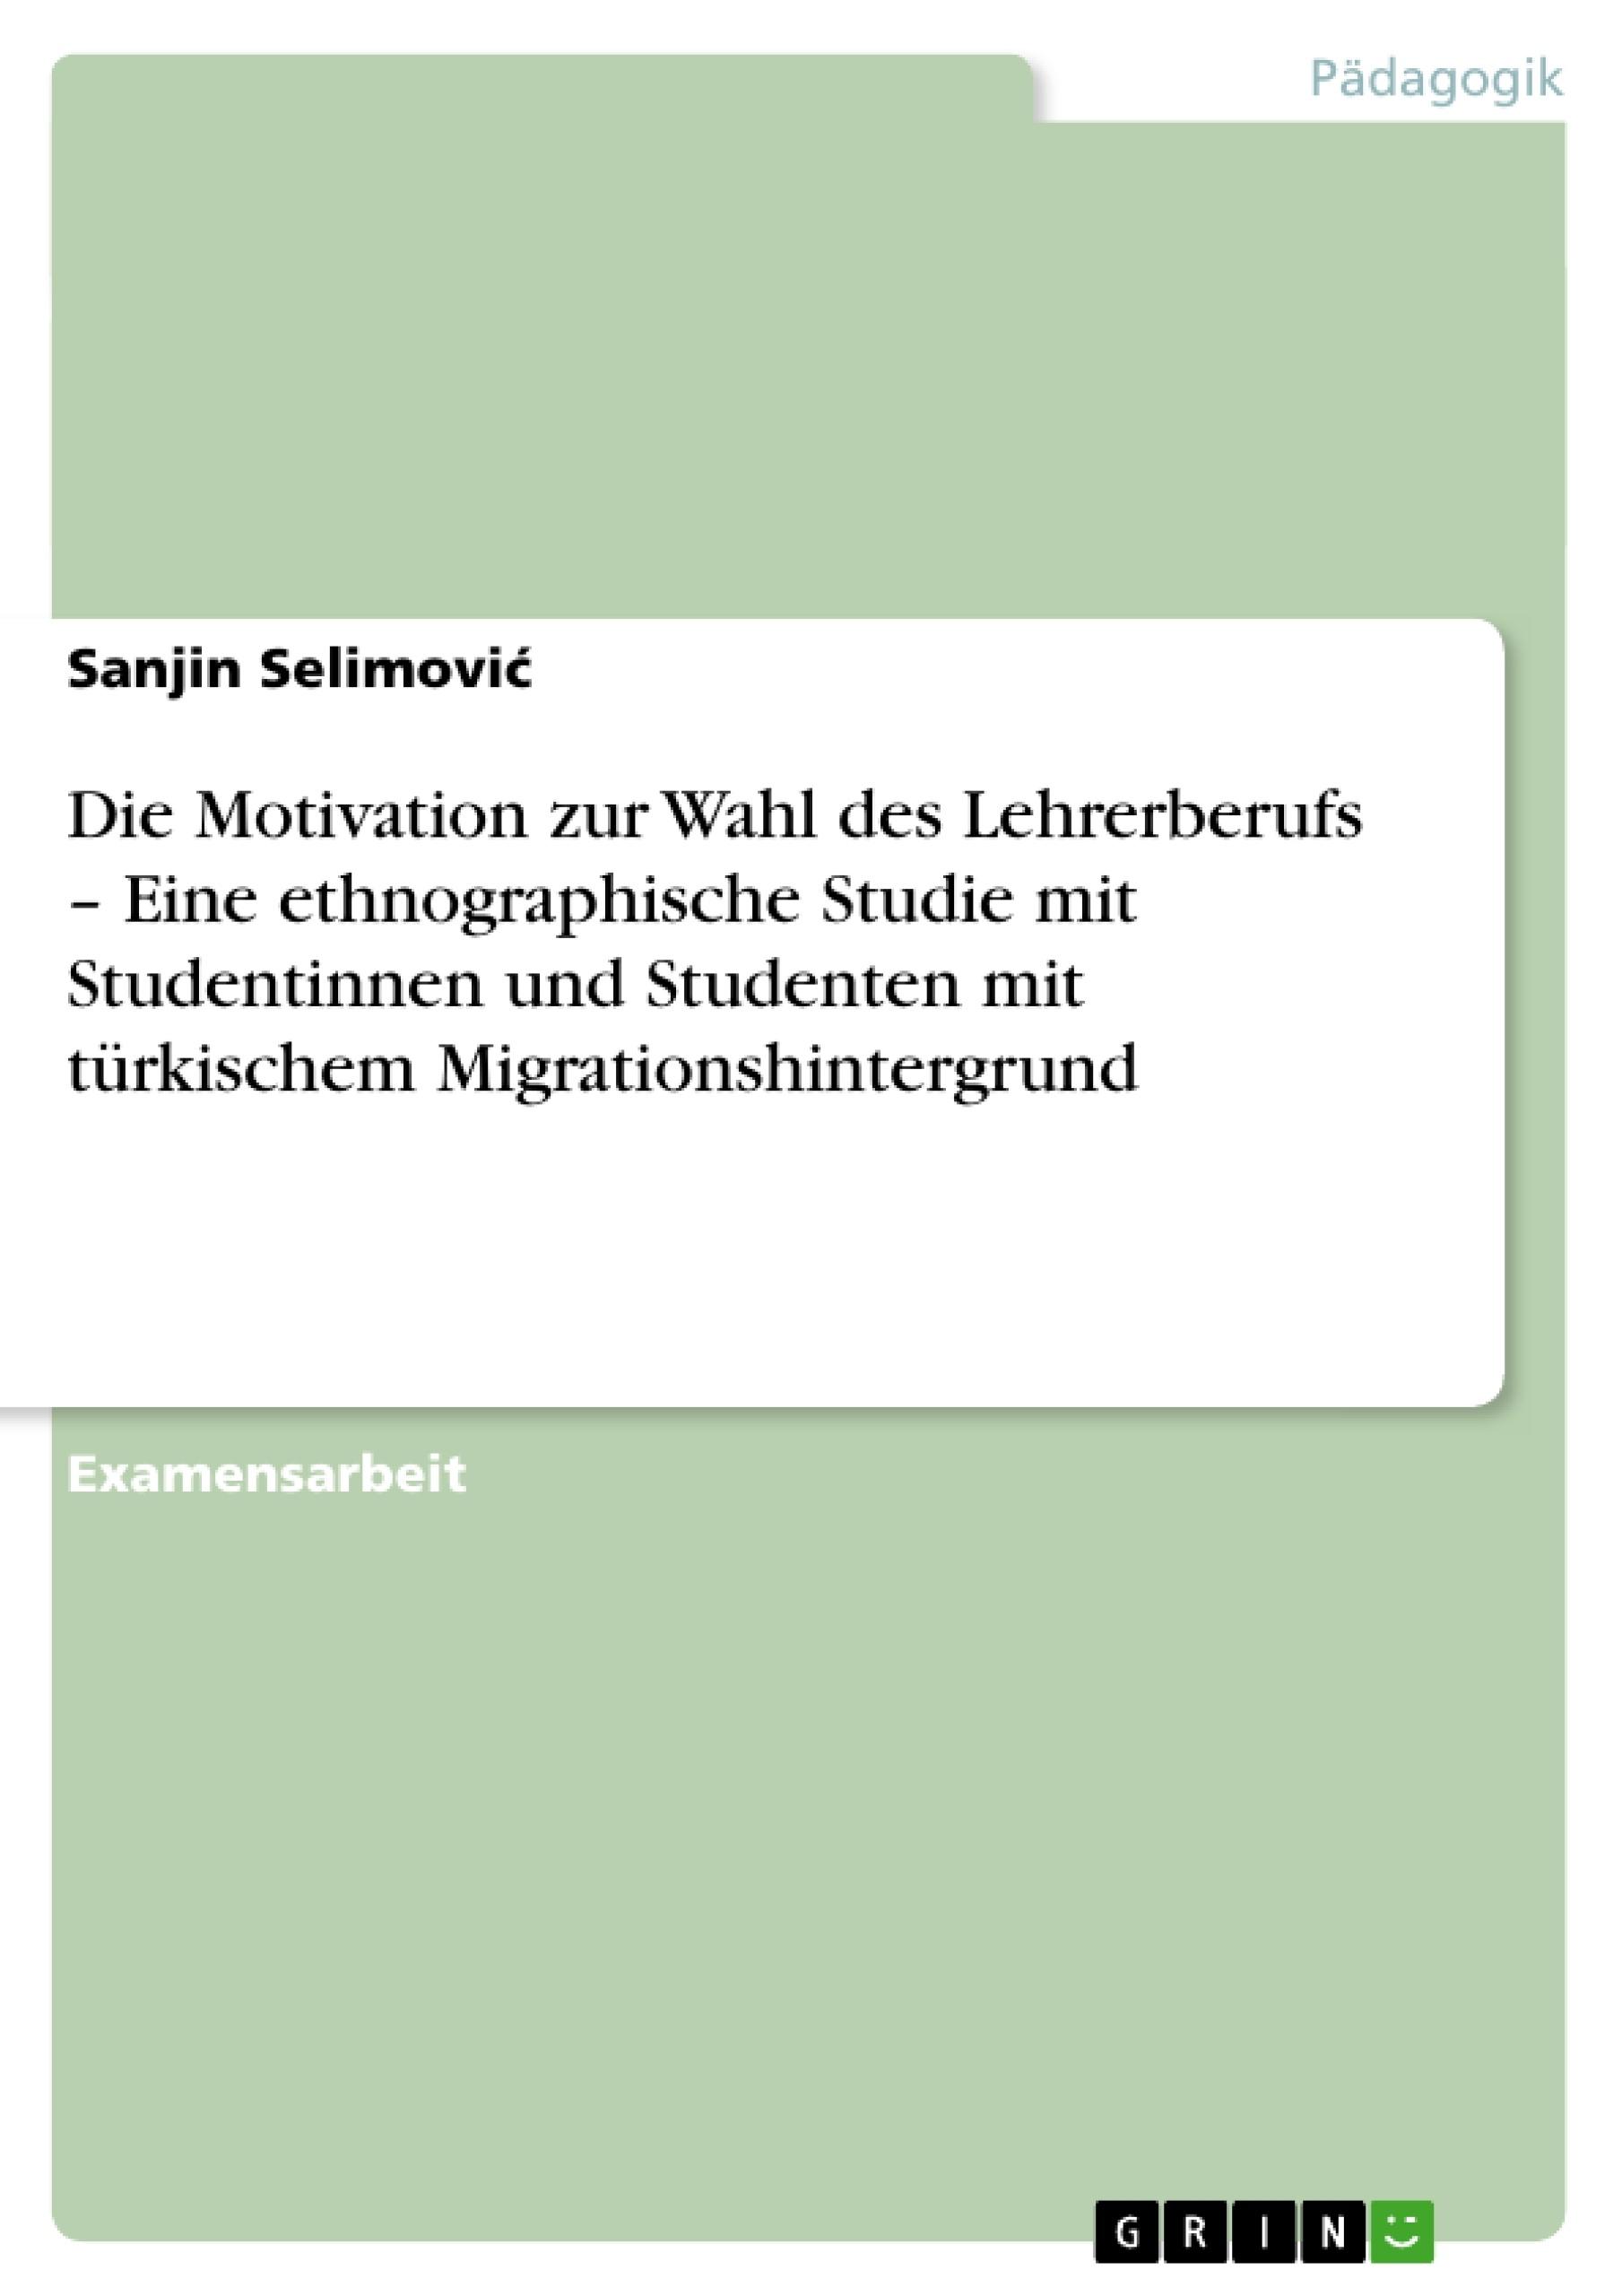 Titel: Die Motivation zur Wahl des Lehrerberufs – Eine ethnographische Studie mit Studentinnen und Studenten mit türkischem Migrationshintergrund